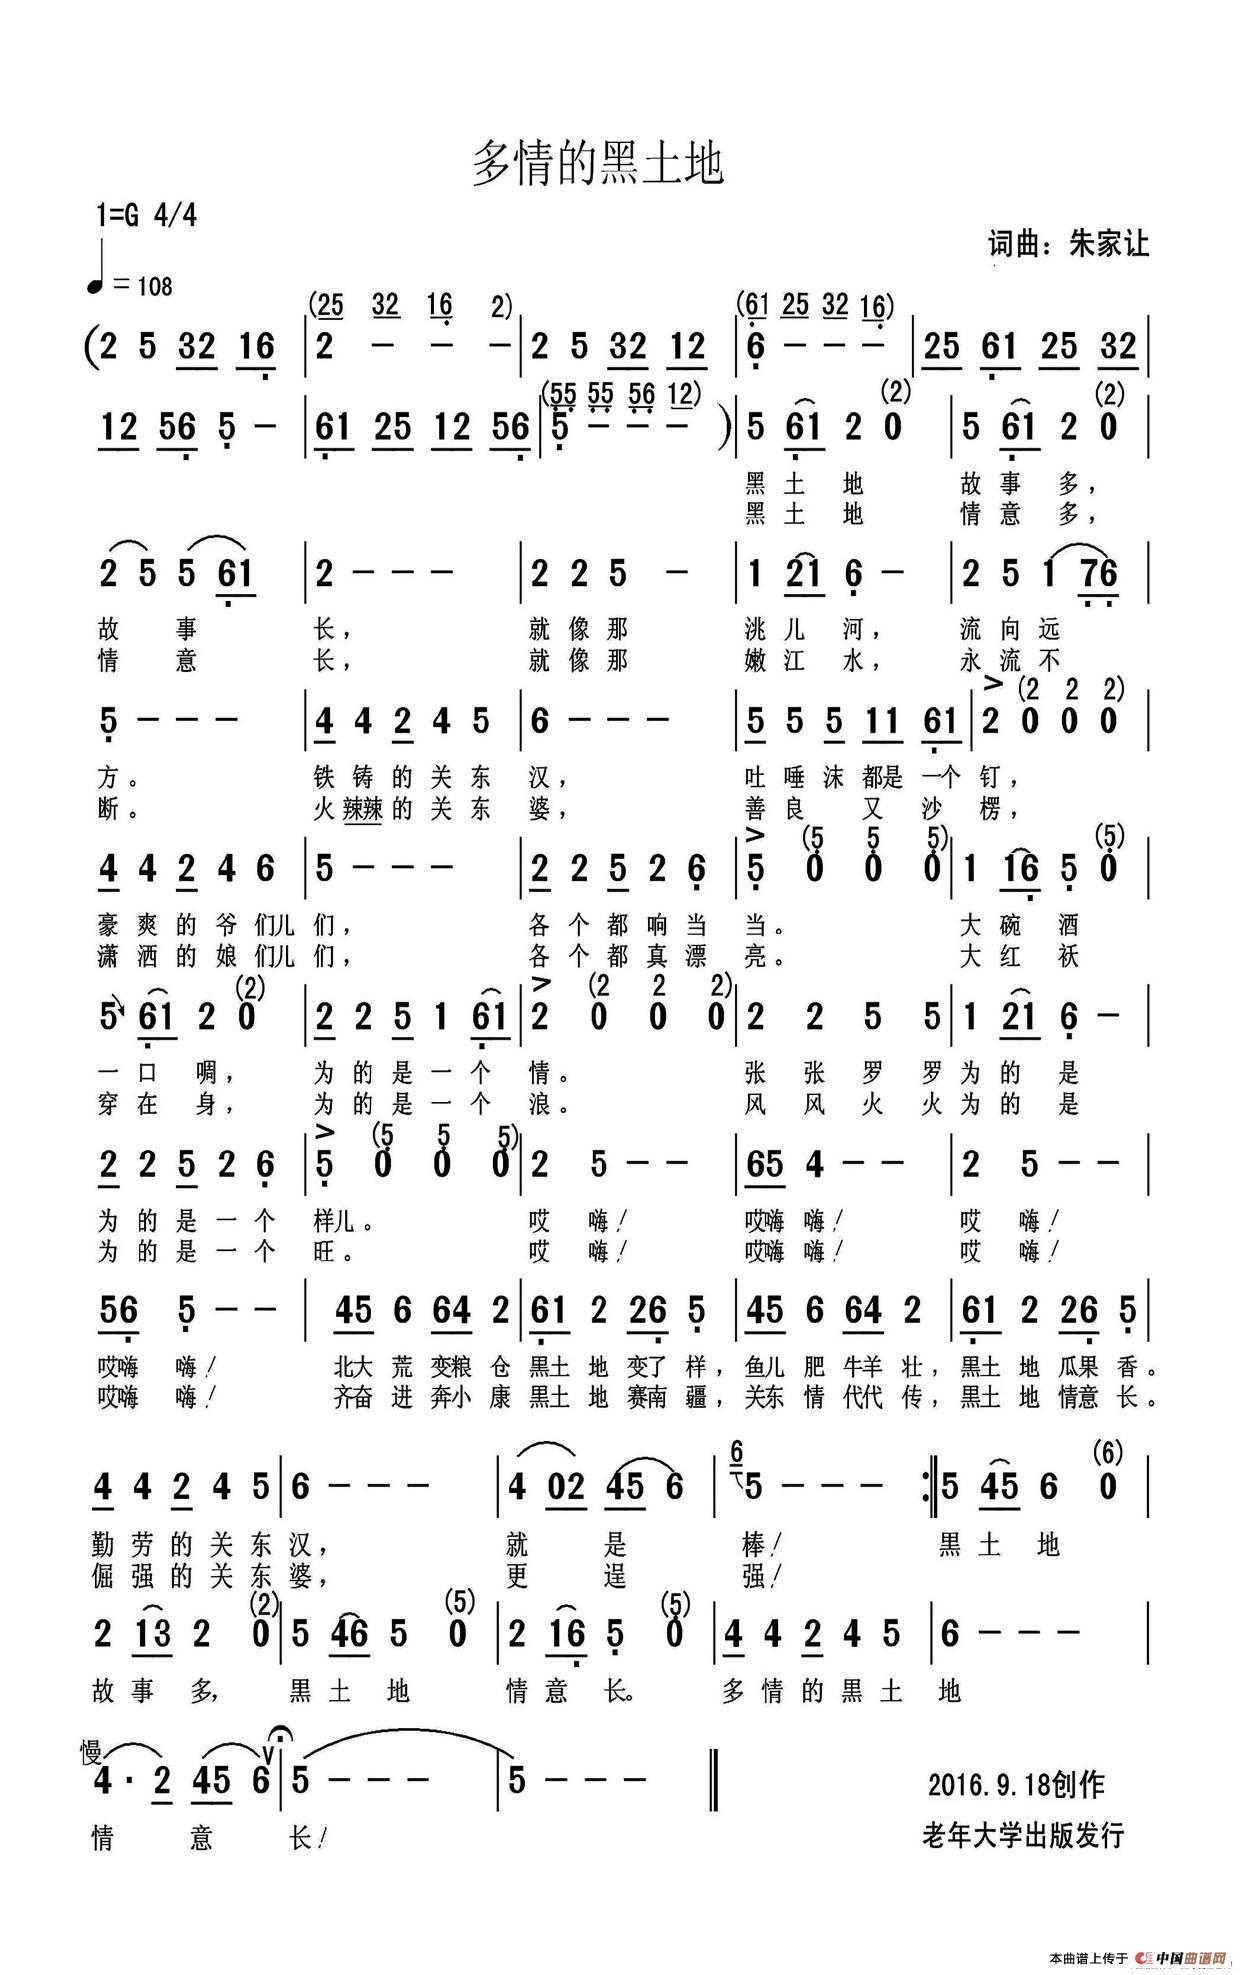 多情的黑土地简谱 民歌曲谱 中国曲谱网